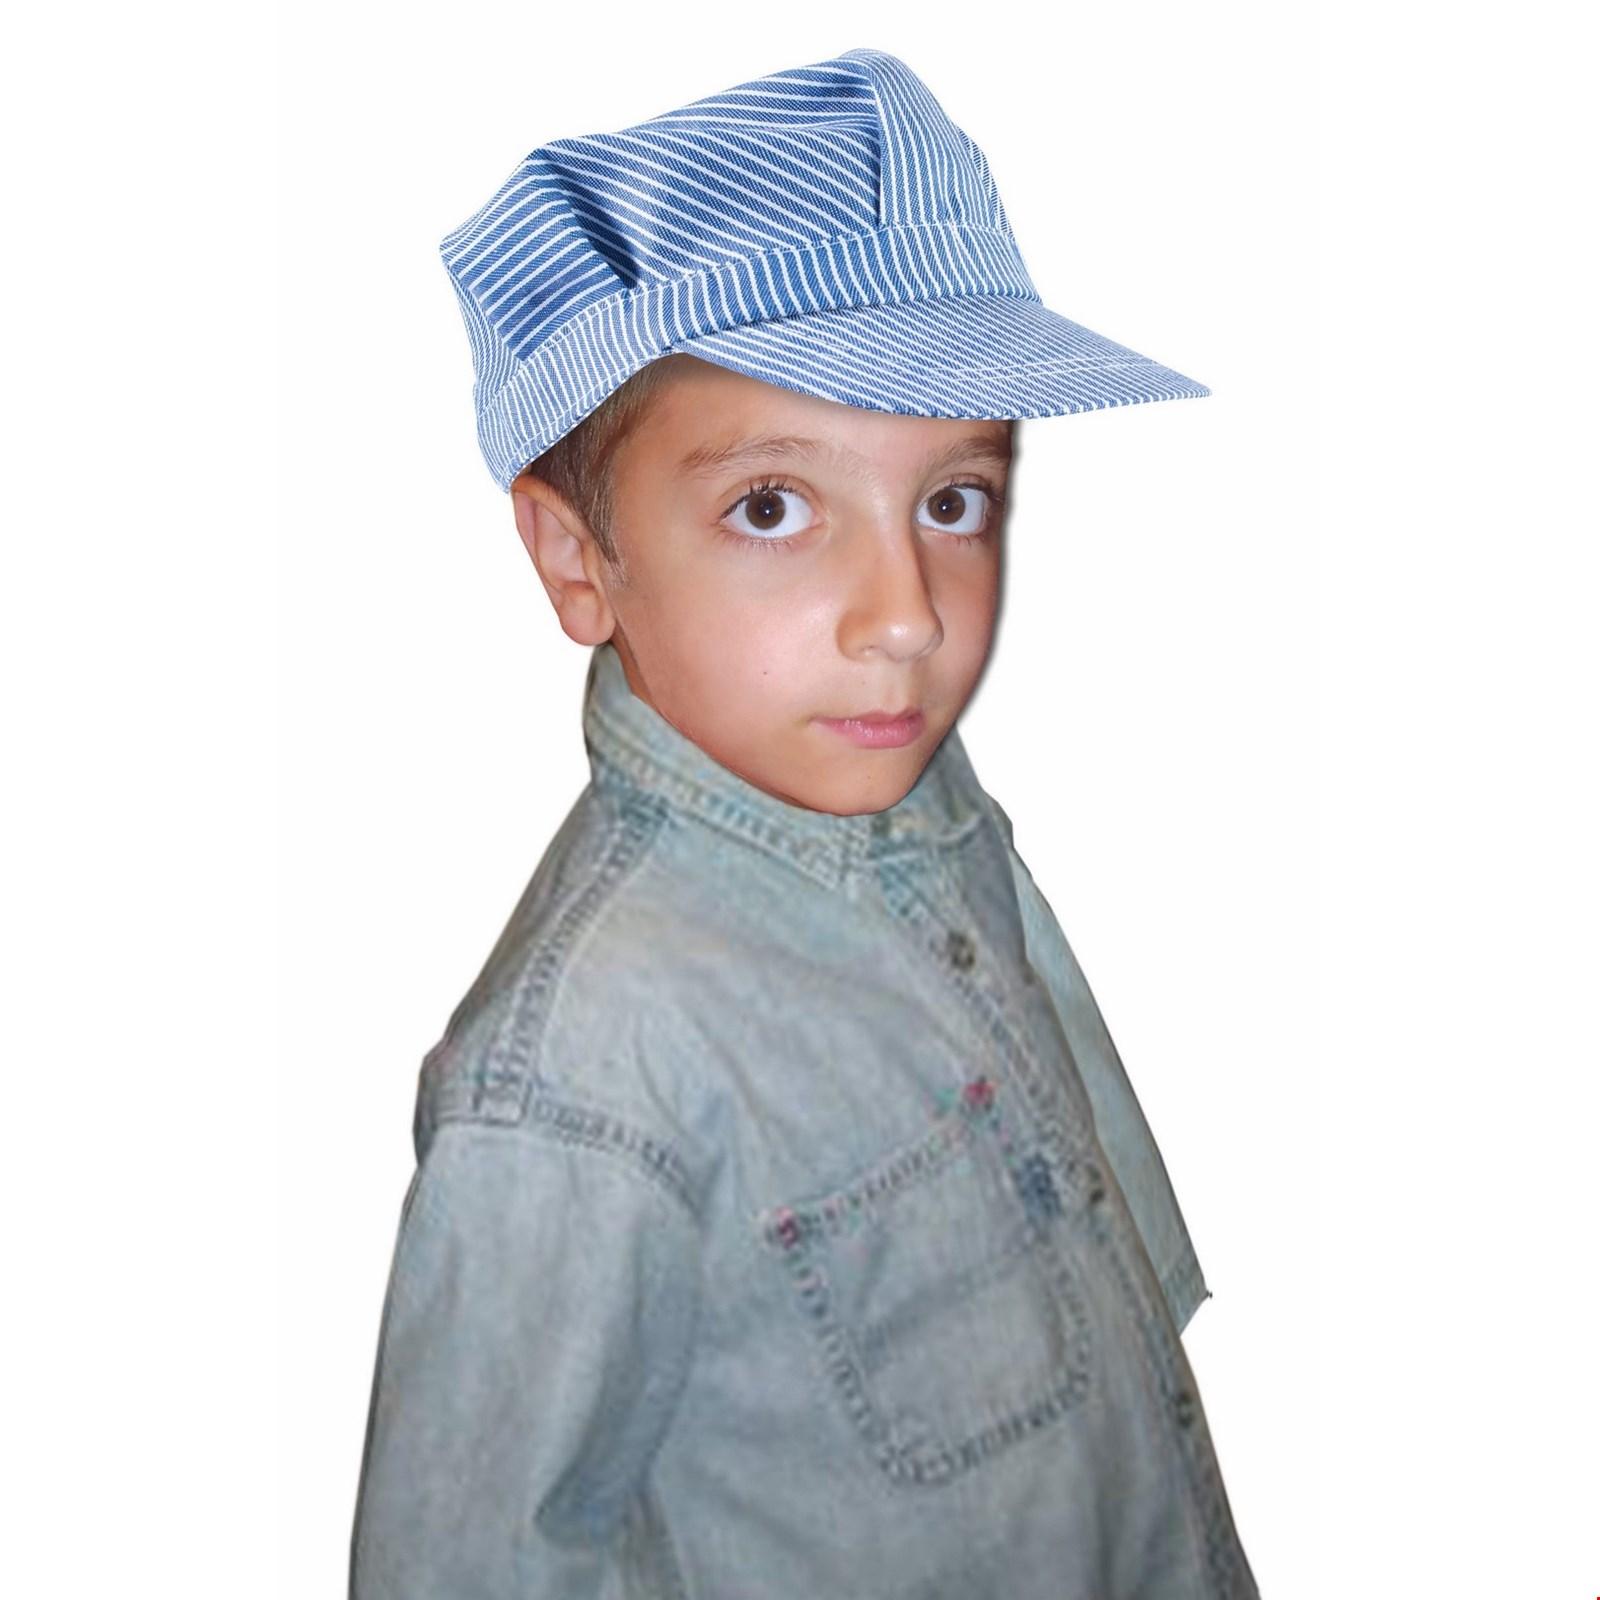 Child Deluxe Engineer Hat